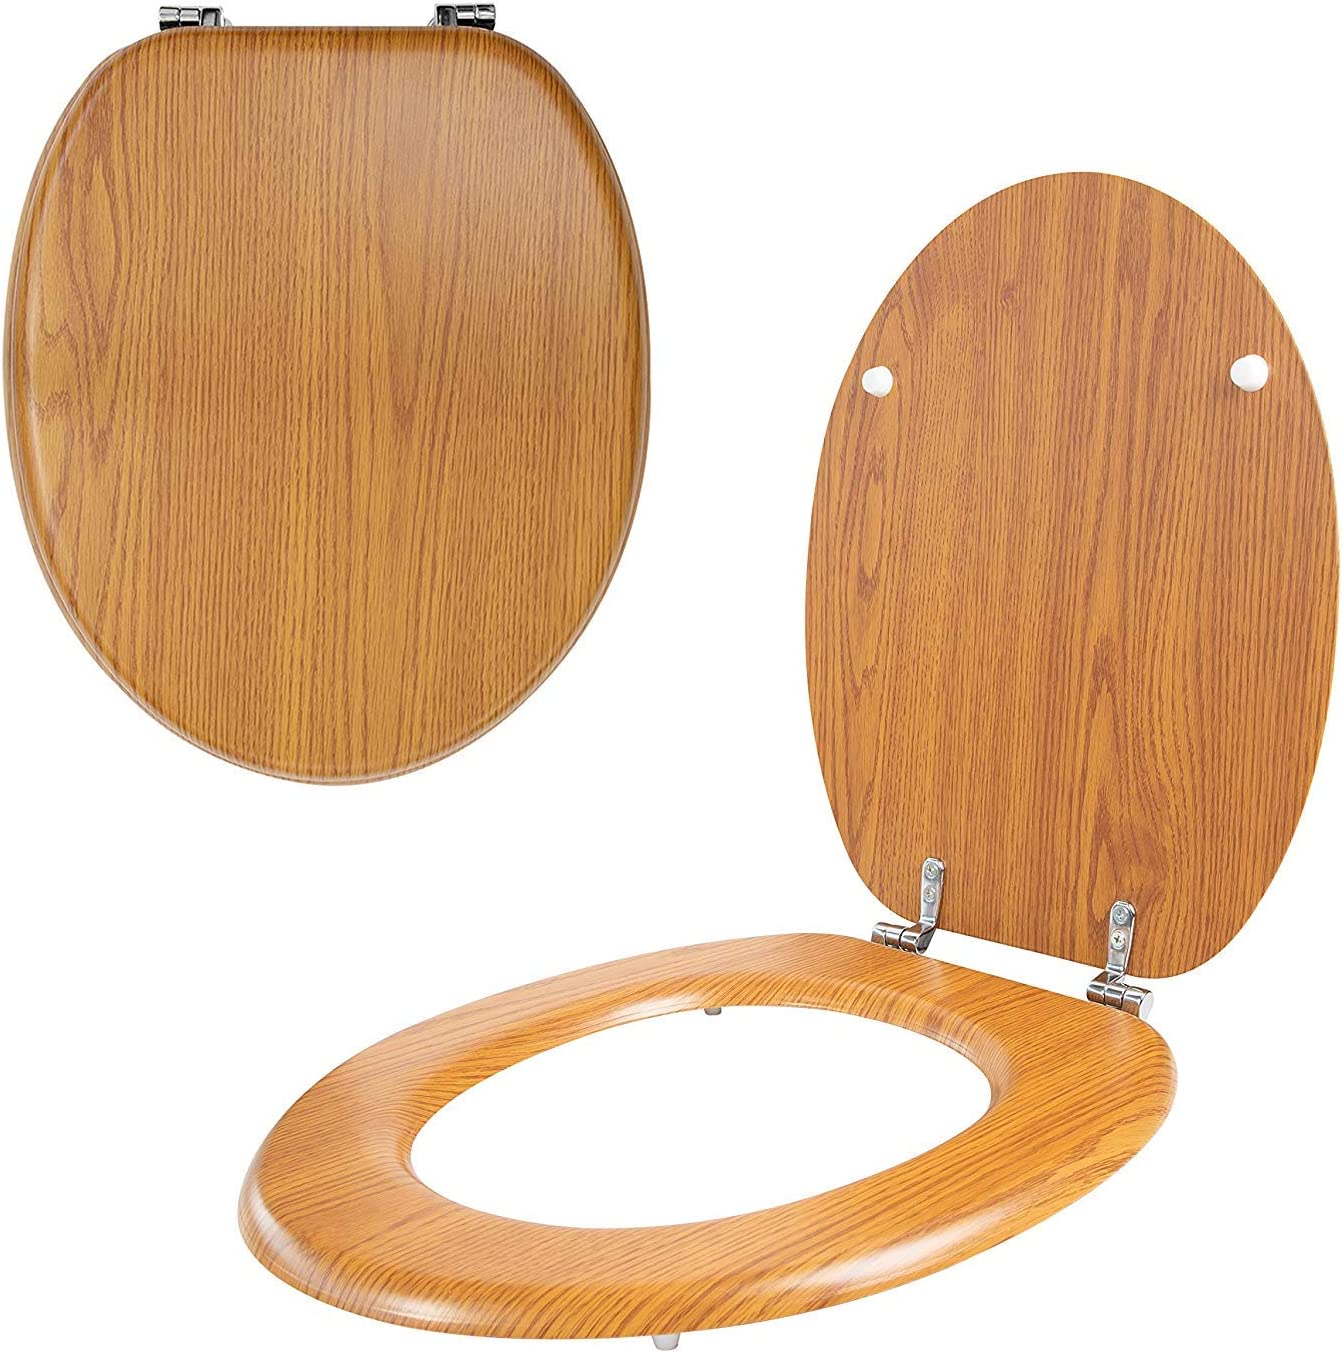 Asiento de inodoro con efecto de pino envejecido con bisagras cromadas y fijaciones para ajuste universal de tama/ño est/ándar